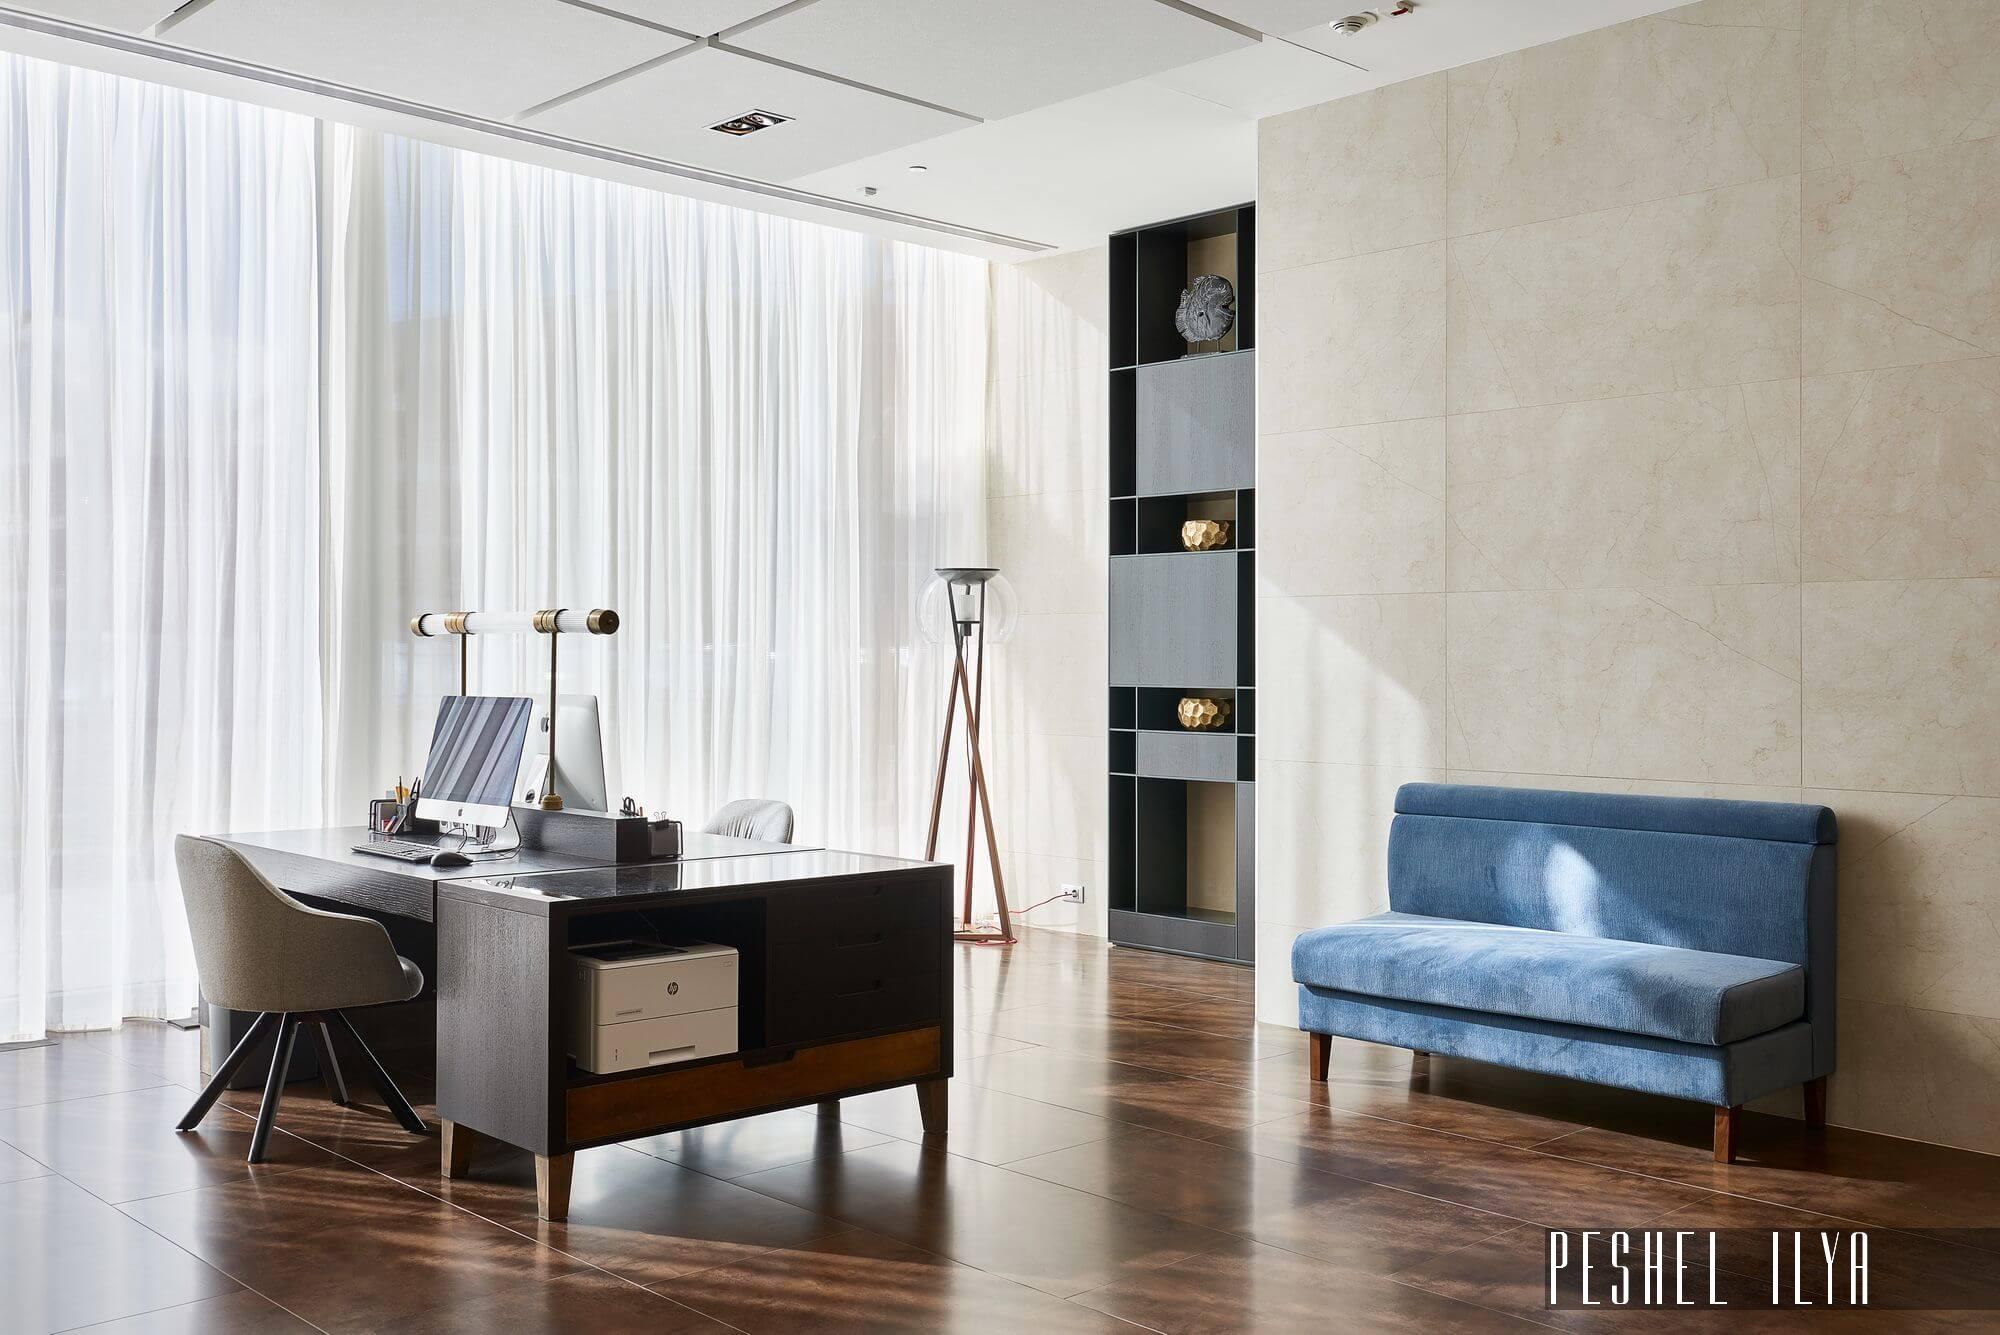 15-Архитектура-Коммерческая недвижимость